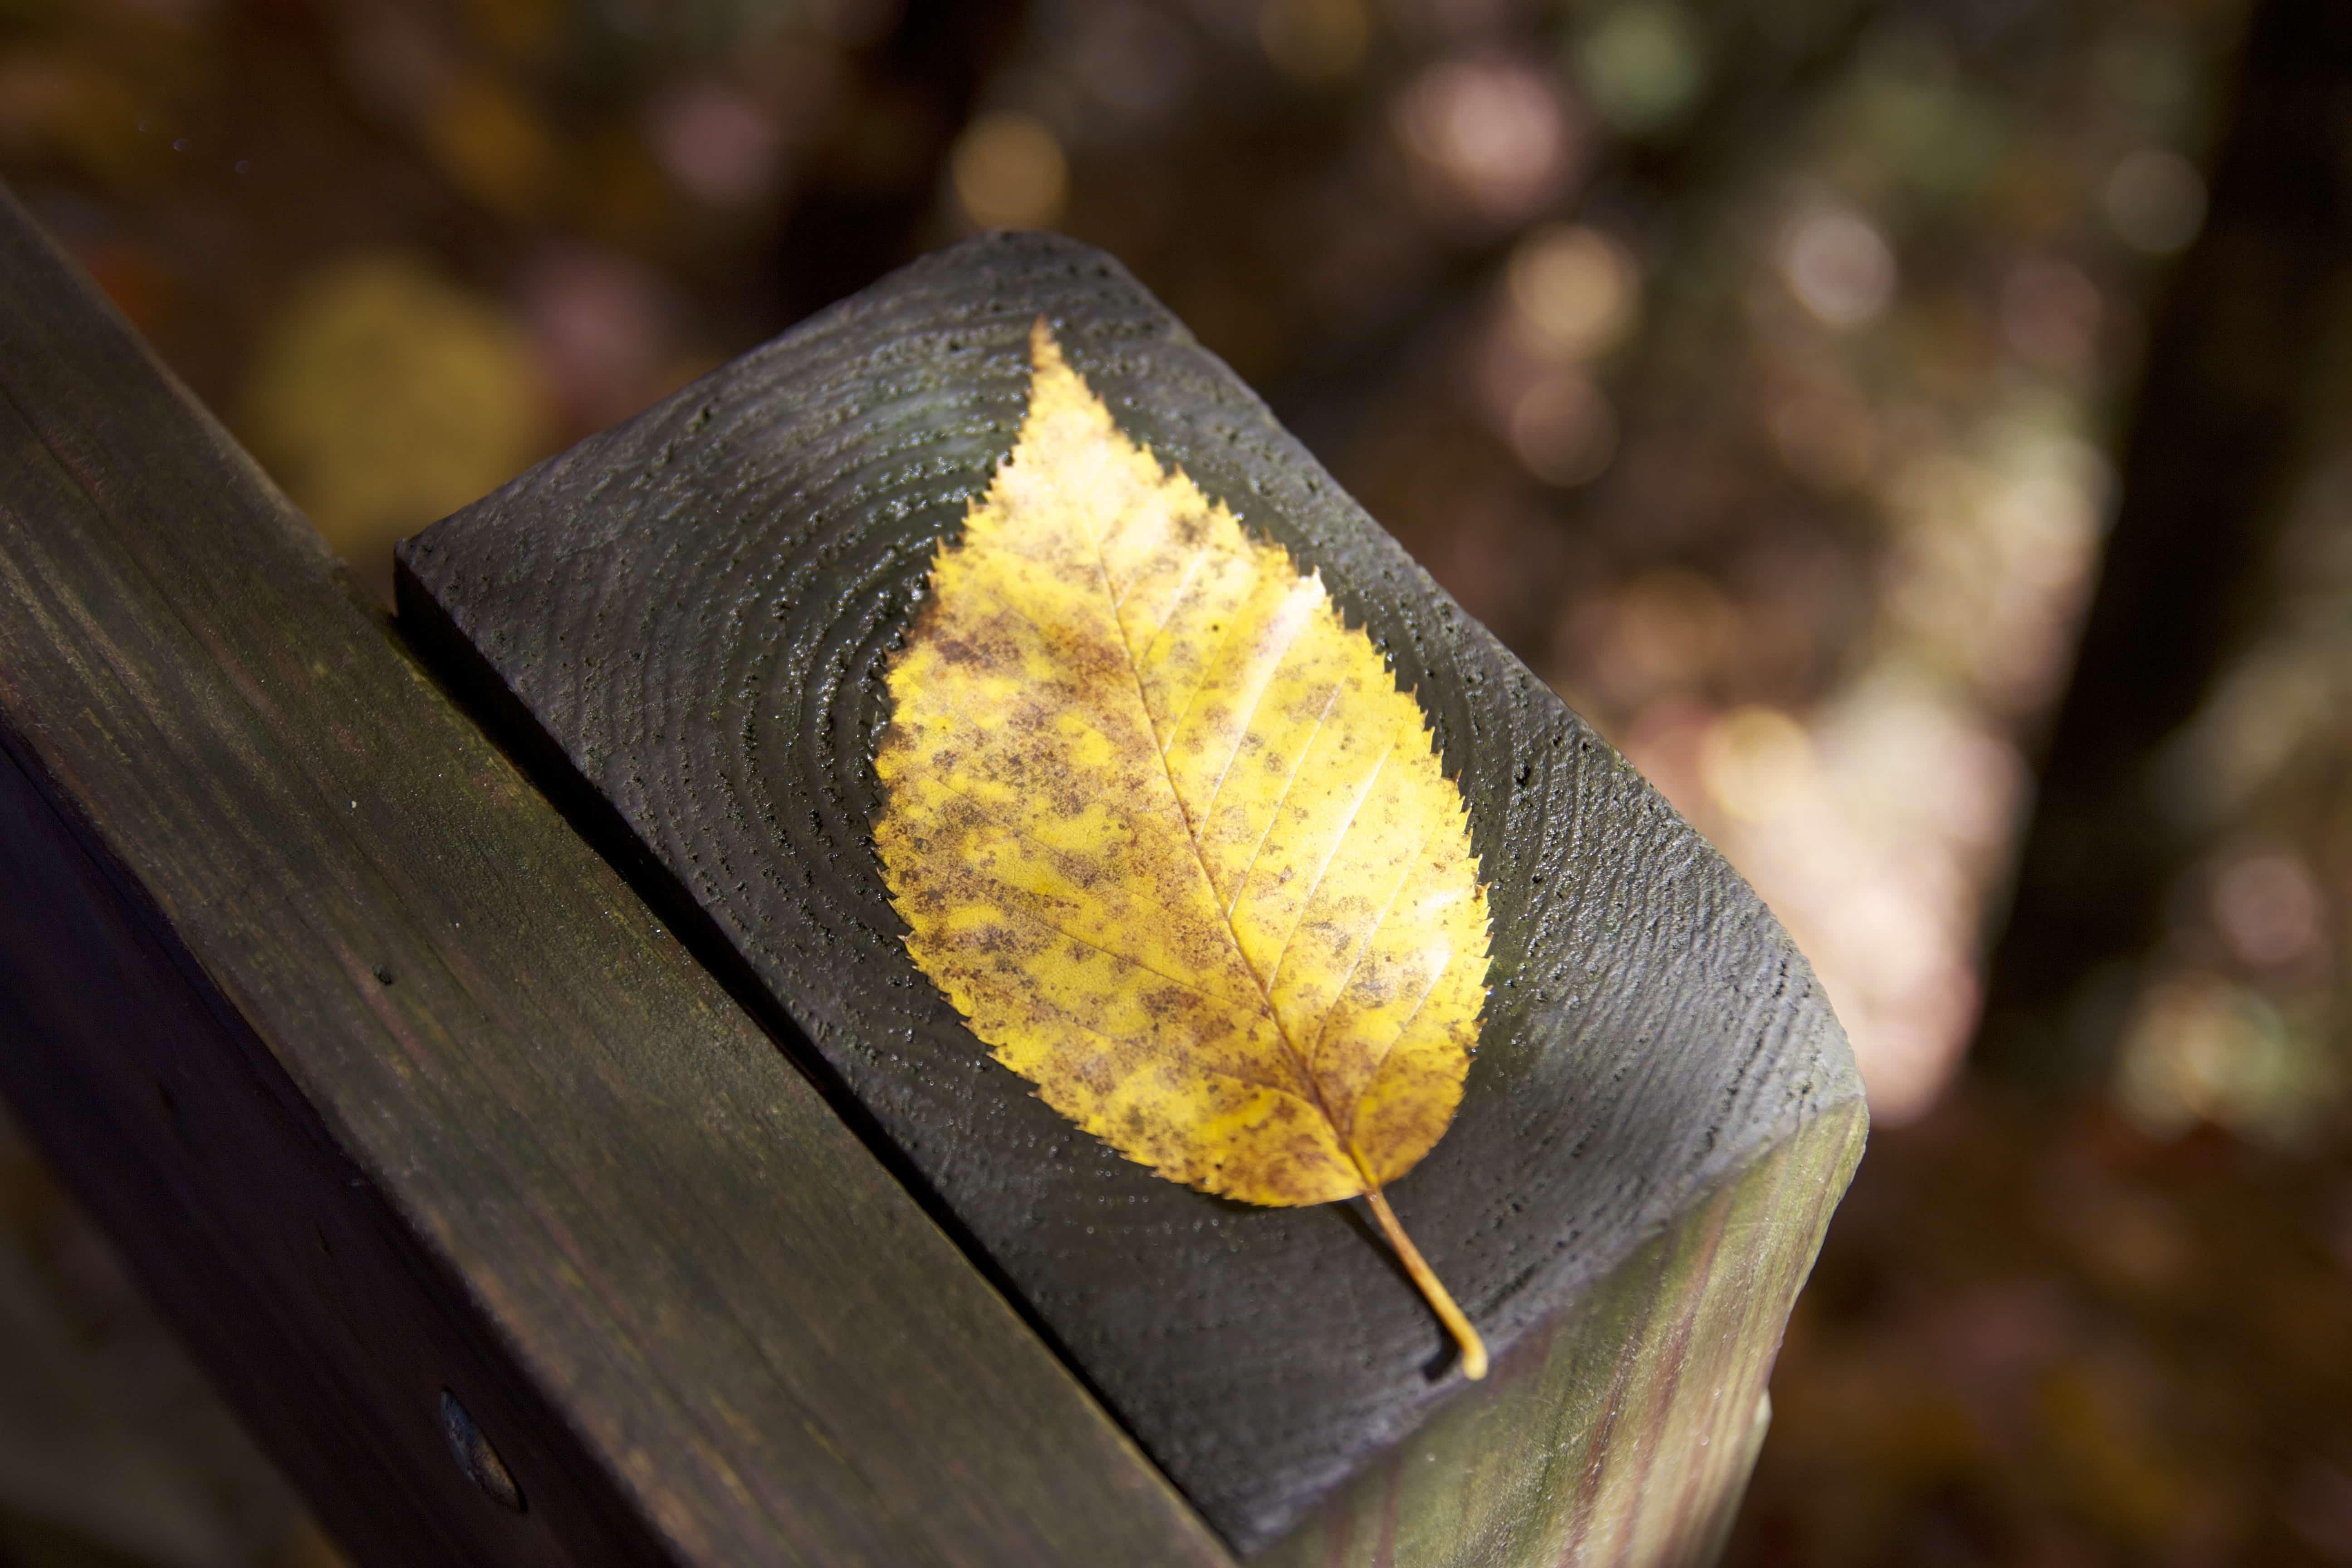 汚れた黄色い落ち葉